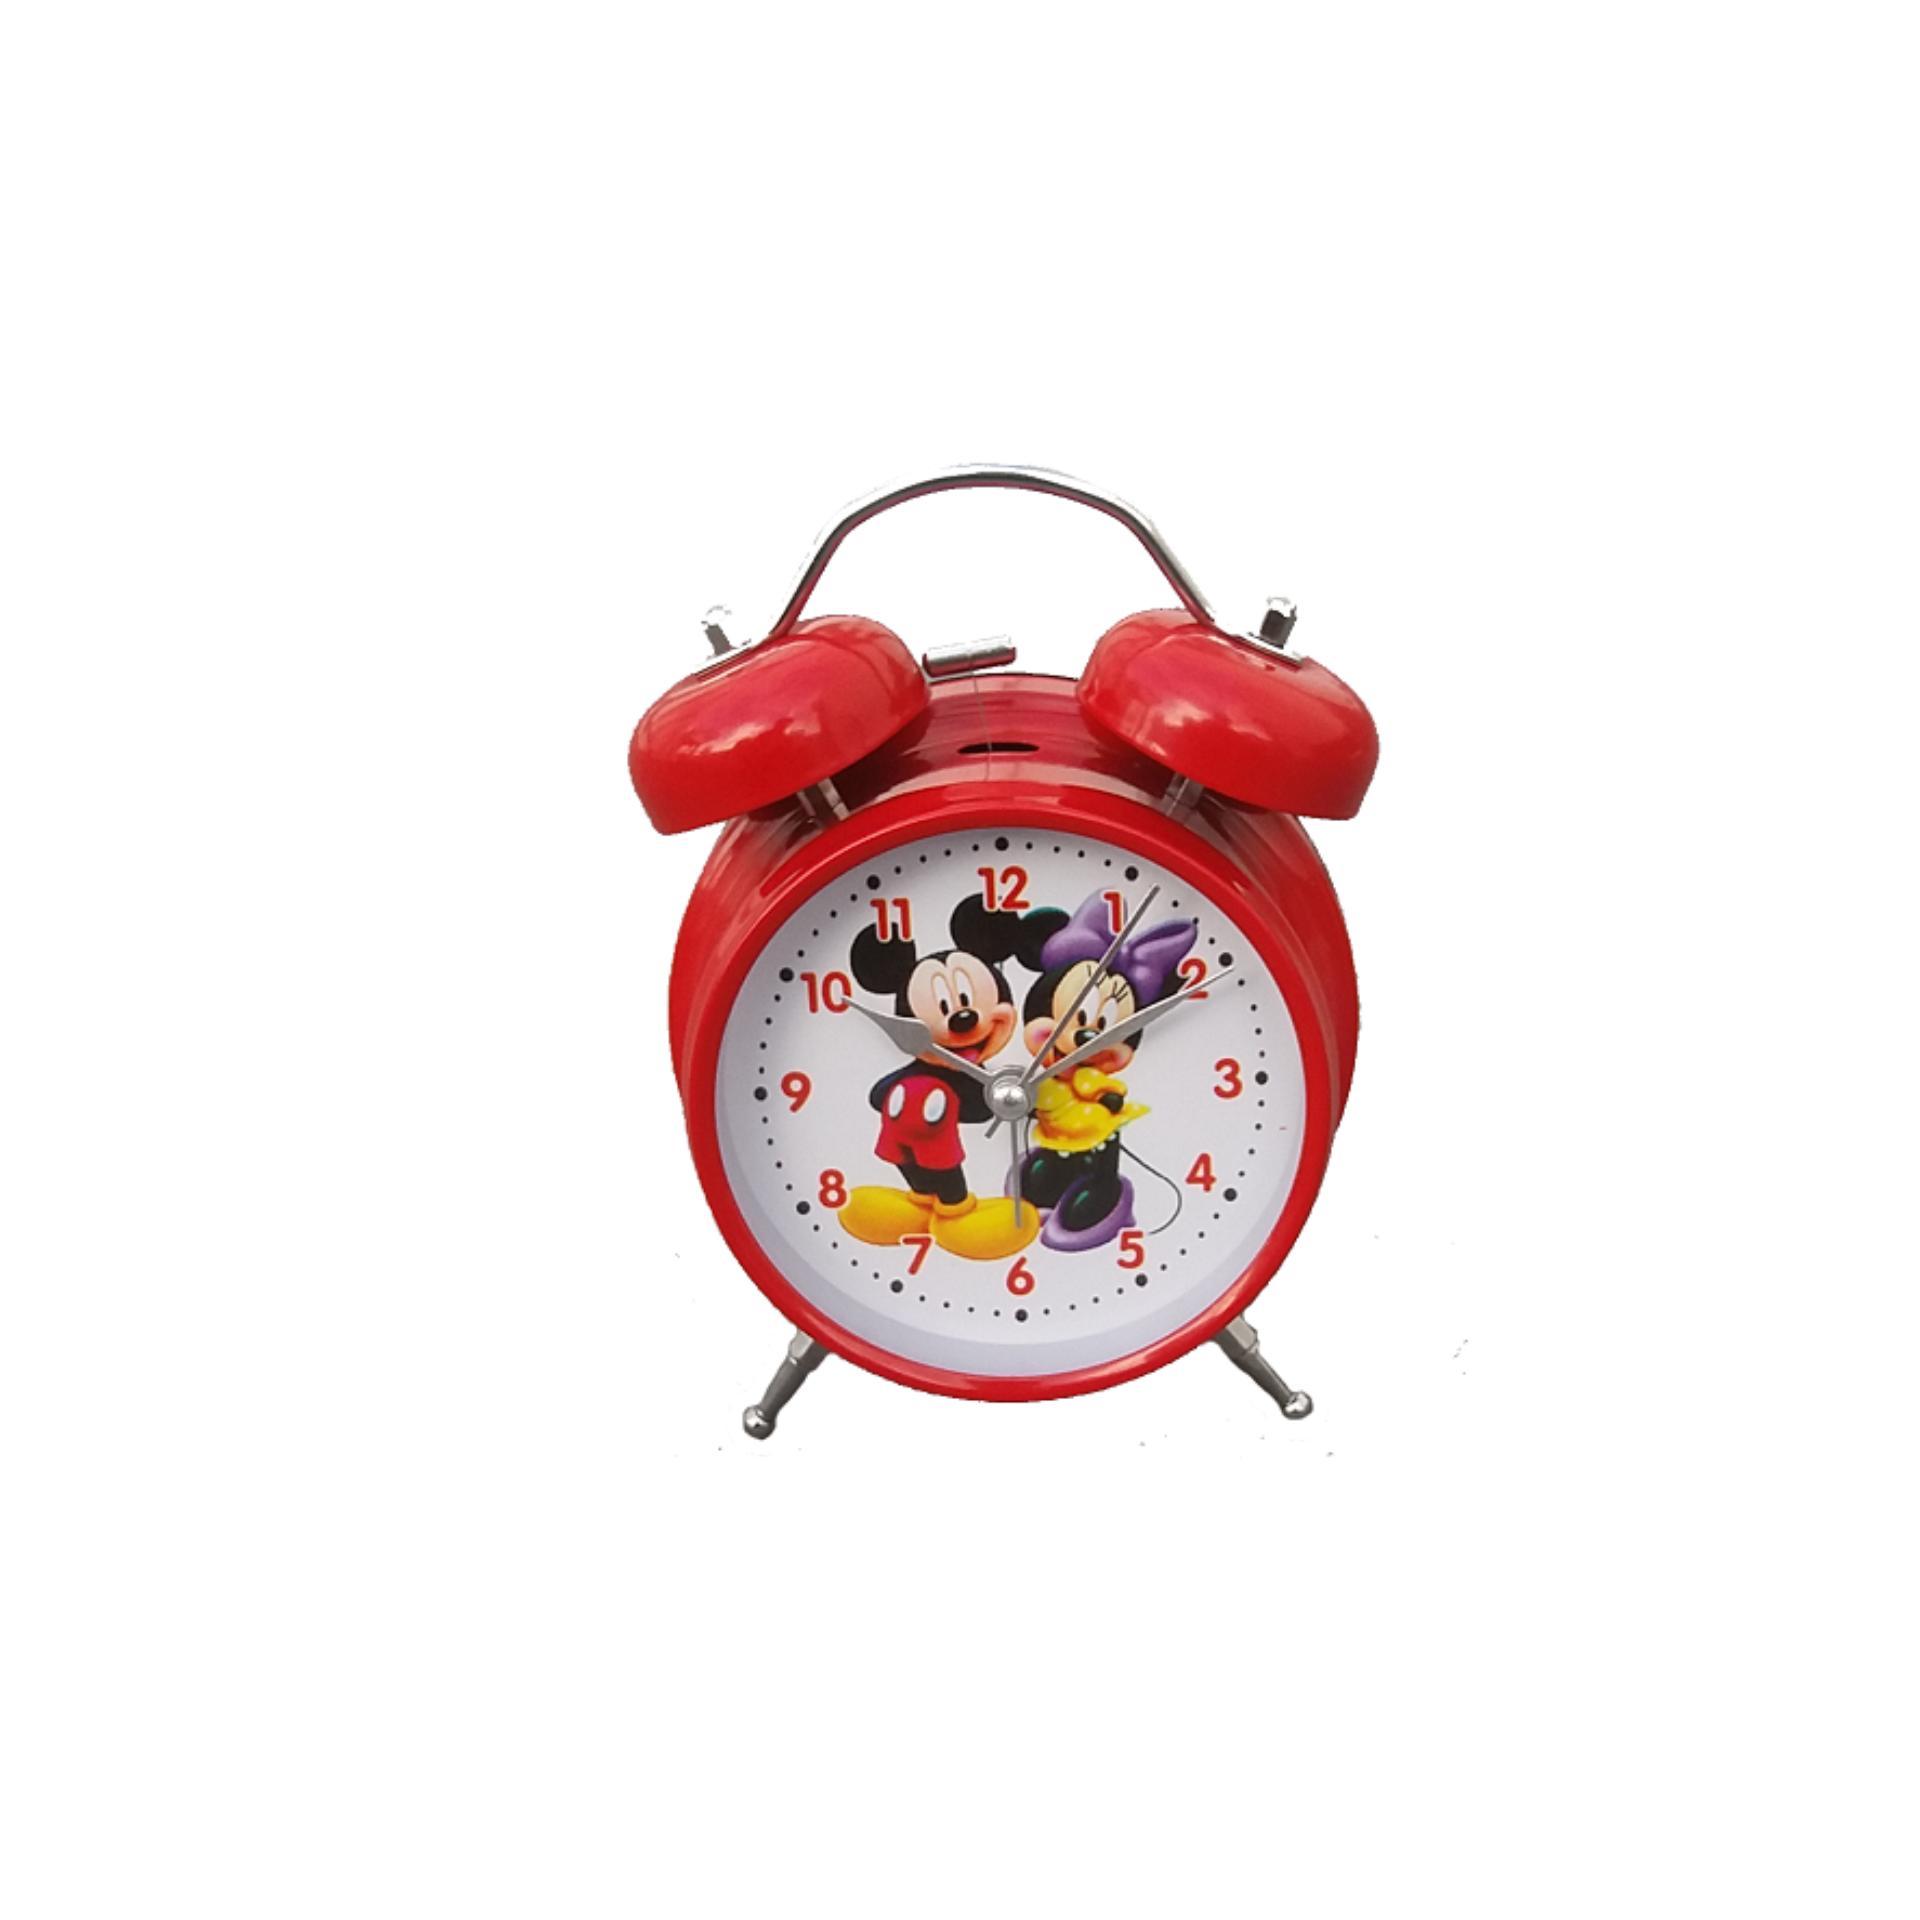 Harga Jam Weker P 6040 Karakter Mikey Mouse Disney Terbaik